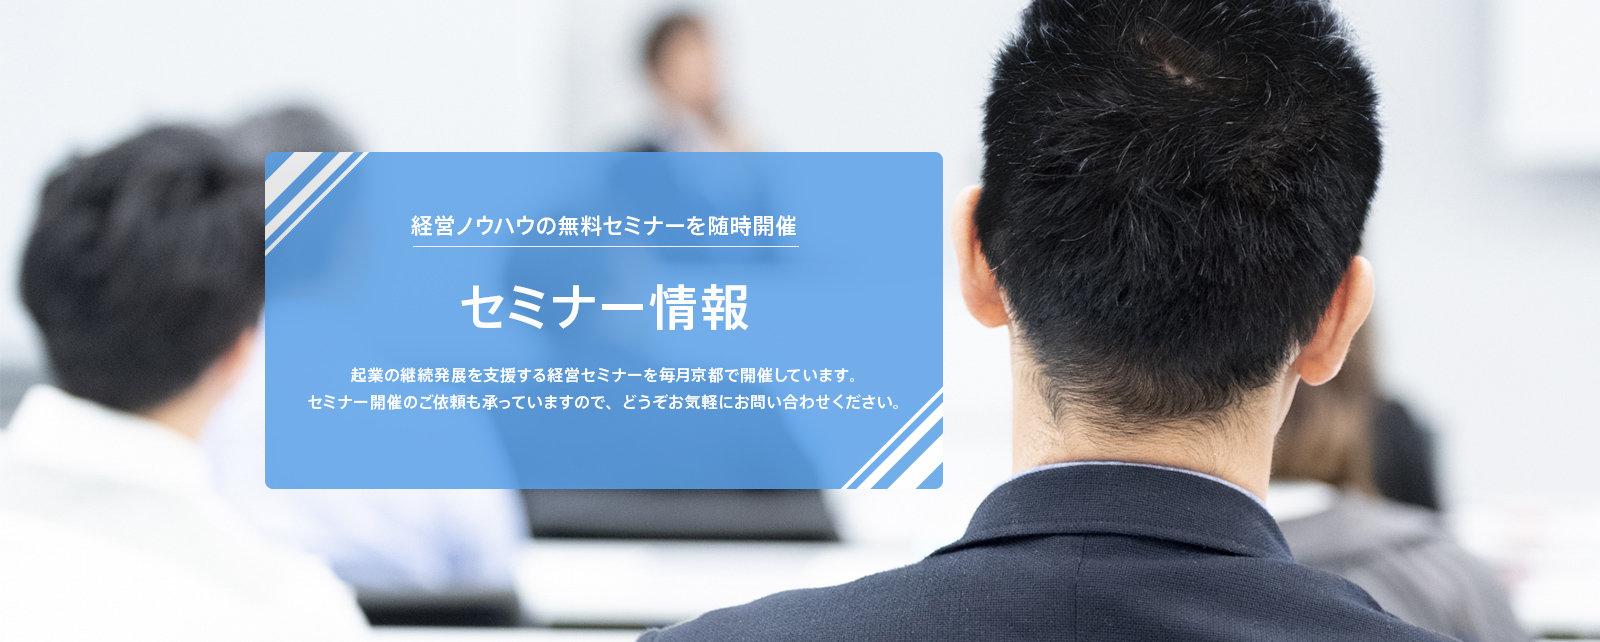 経営ノウハウの無料セミナーを随時開催 セミナー情報